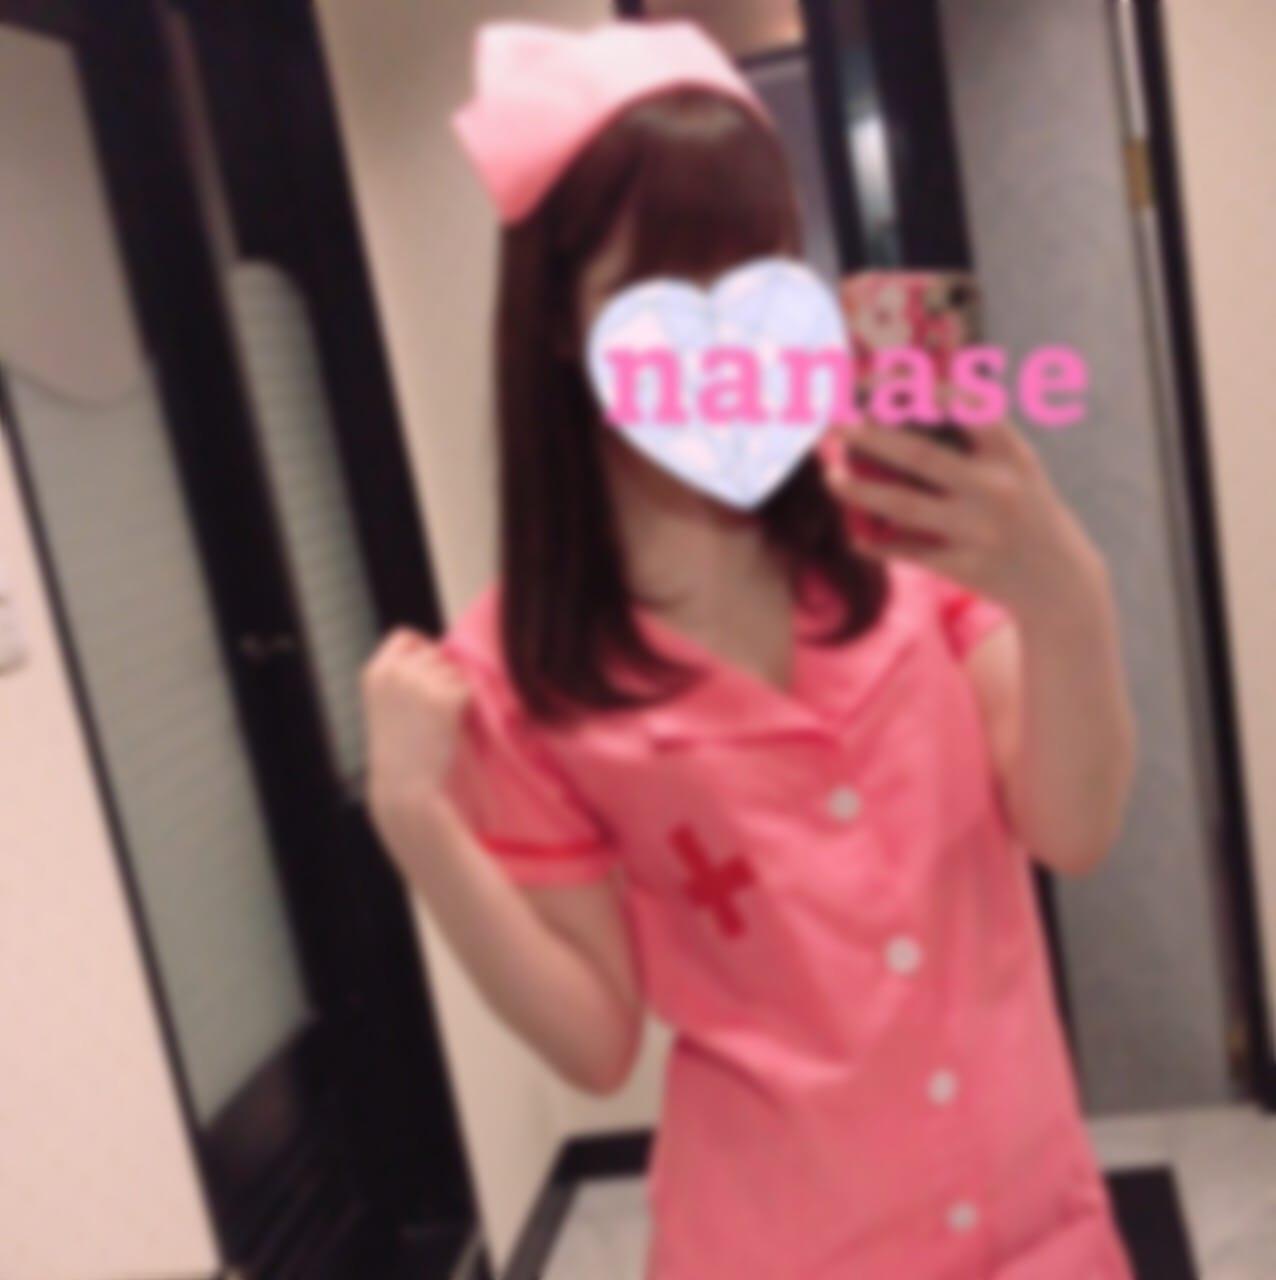 「WINDY403お客様♡」11/24(11/24) 00:26   ナナセの写メ・風俗動画